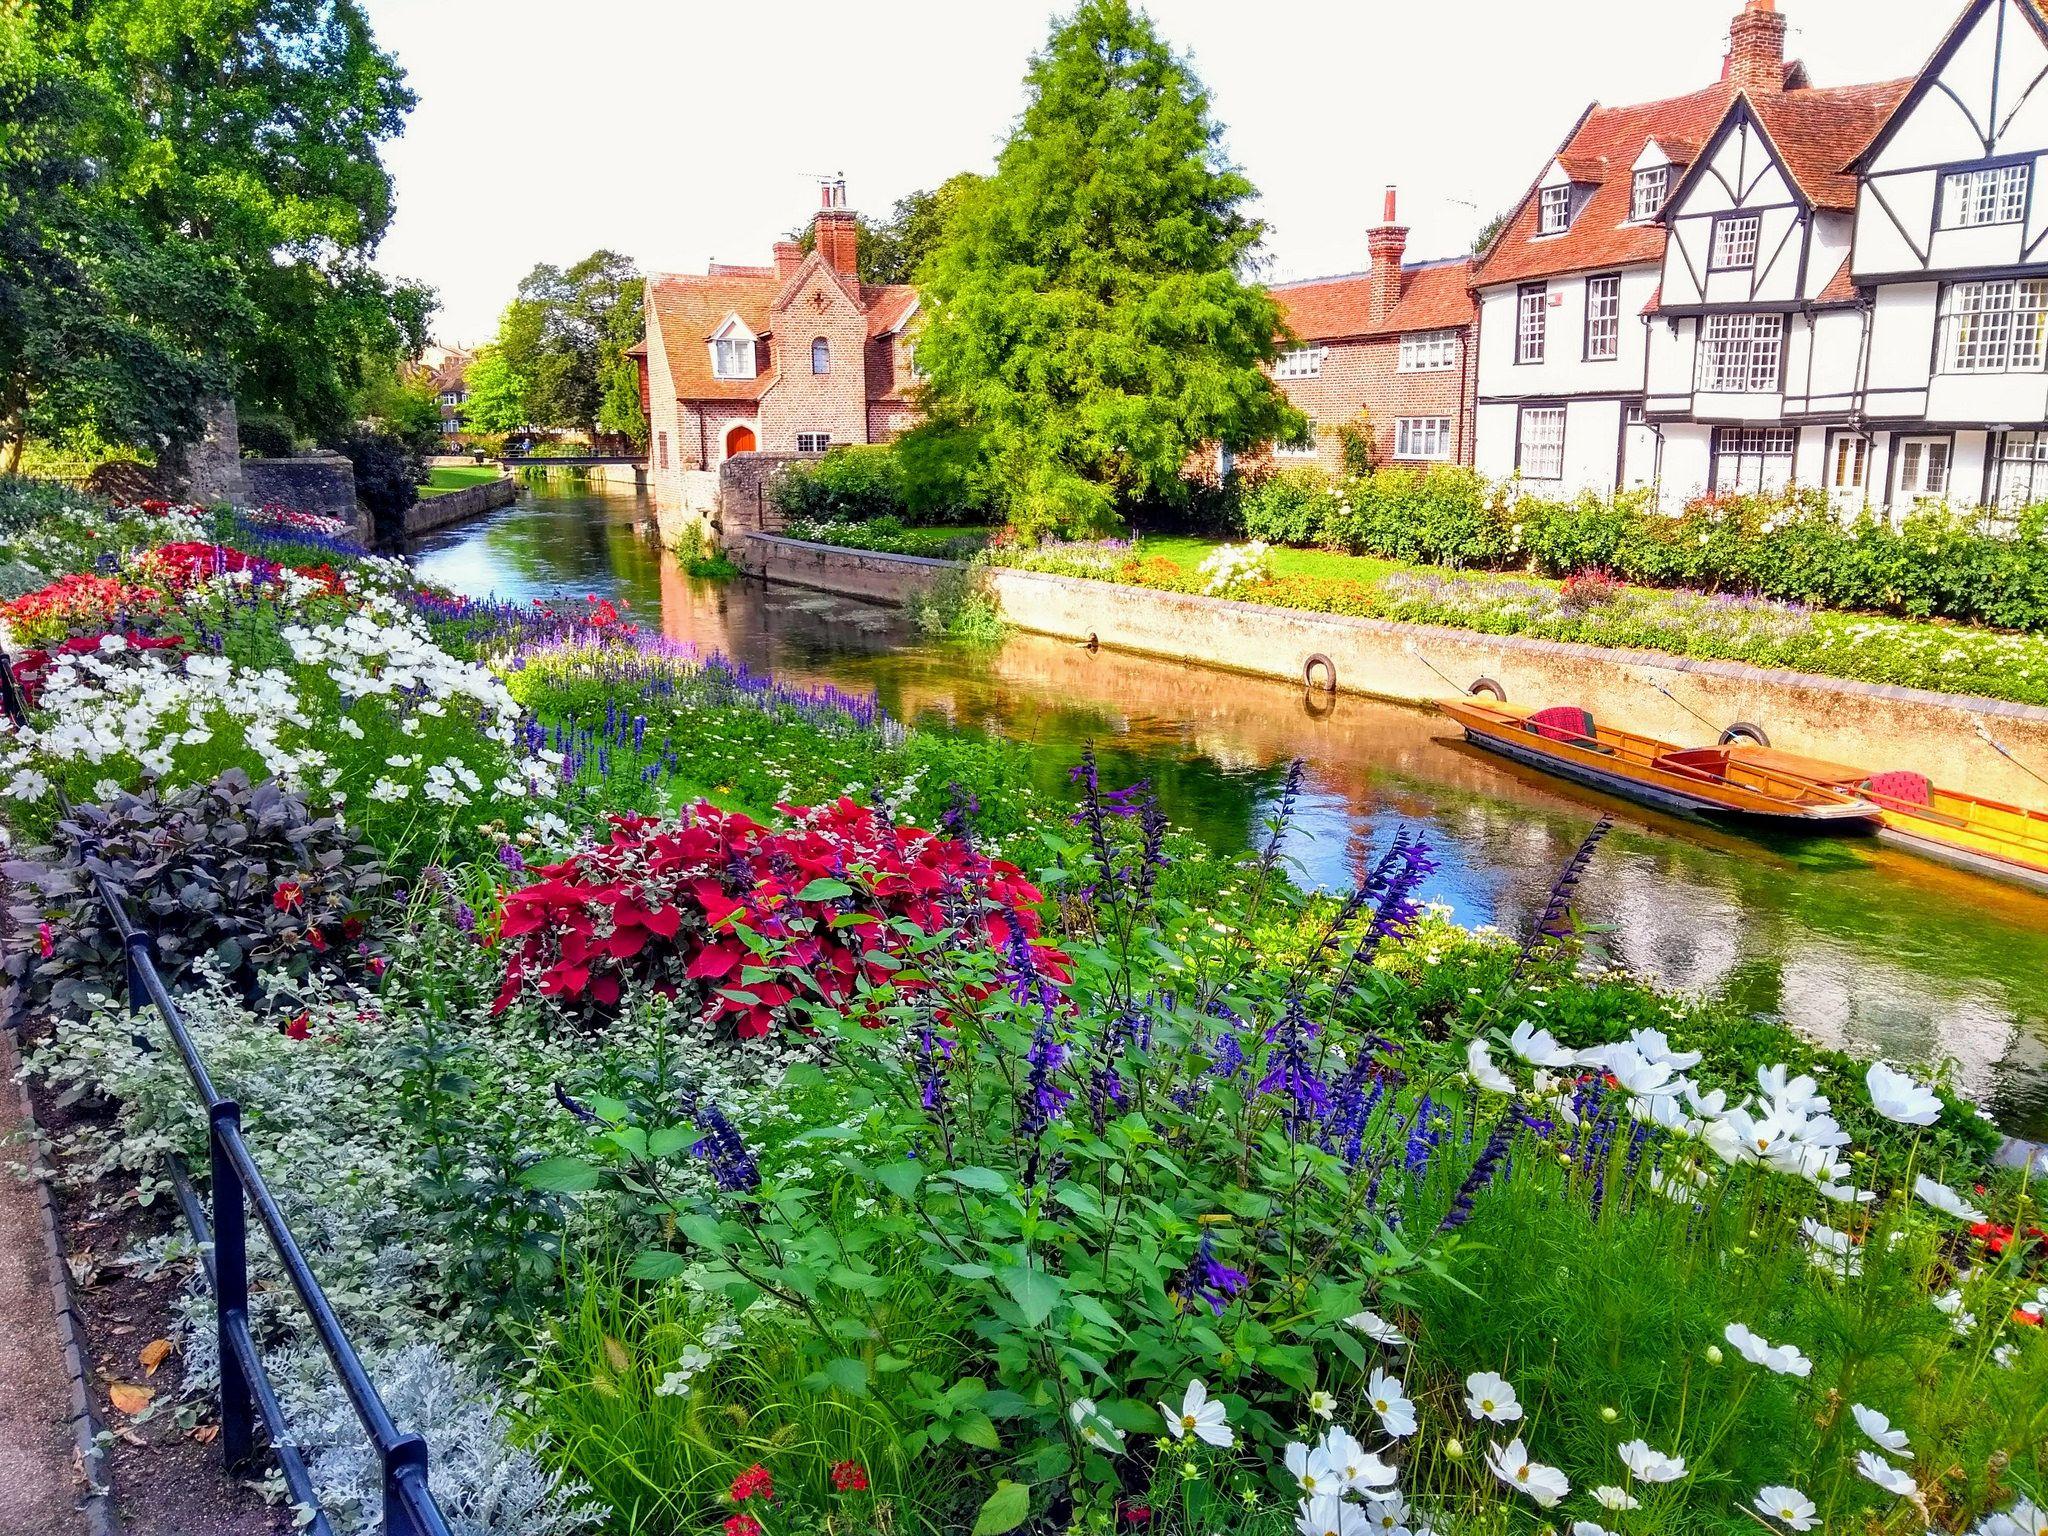 Westgate gardens Canterbury | English garden, Westgate ...